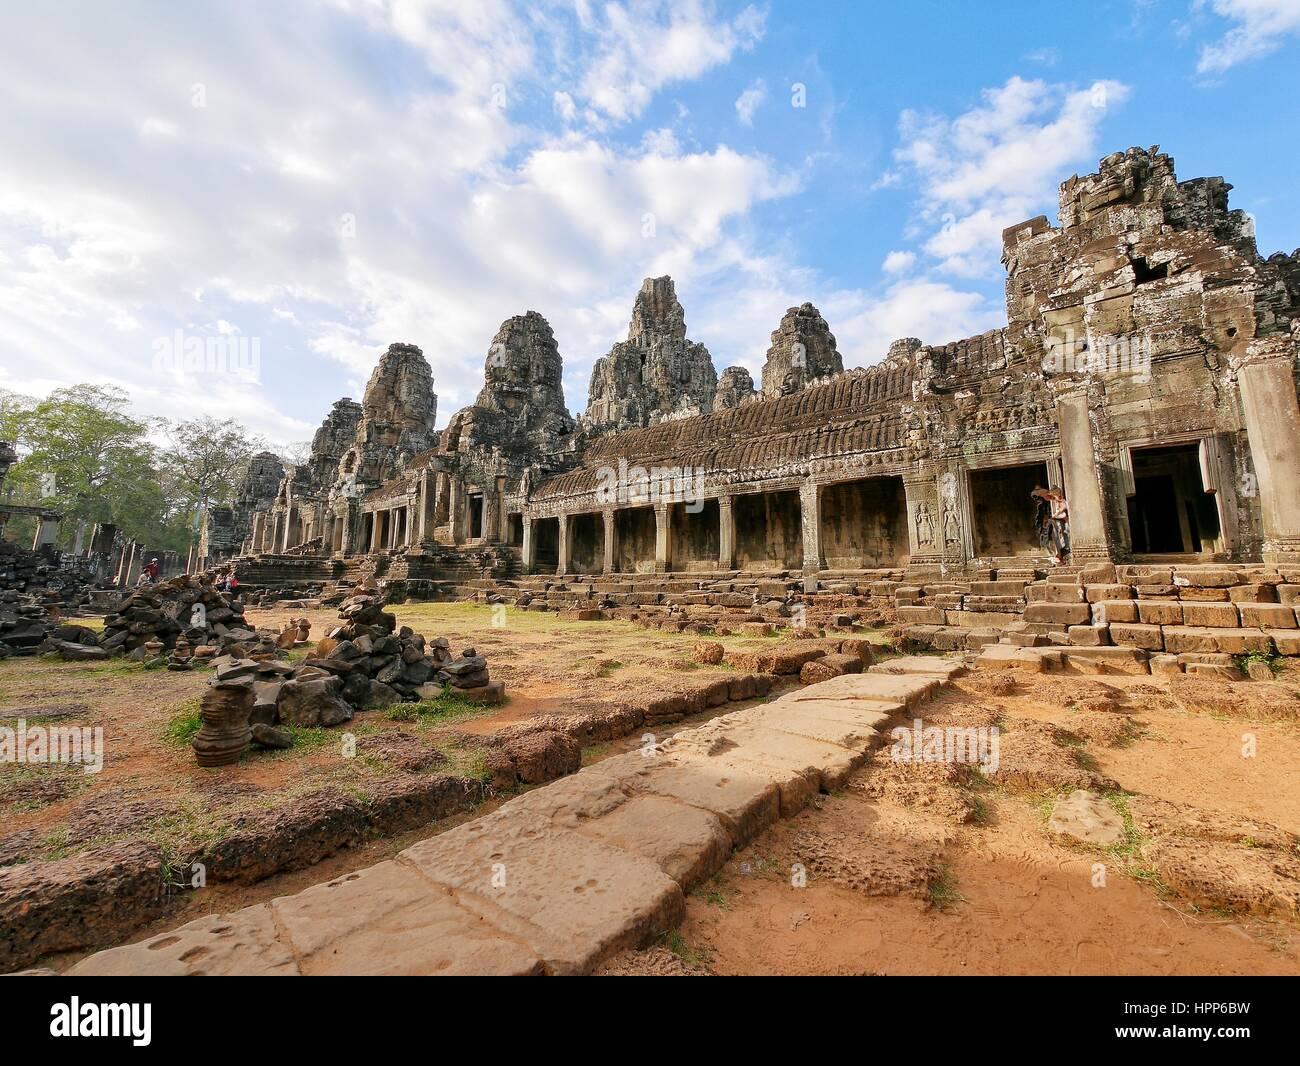 Temple bayon at angkor wat - Stock Image